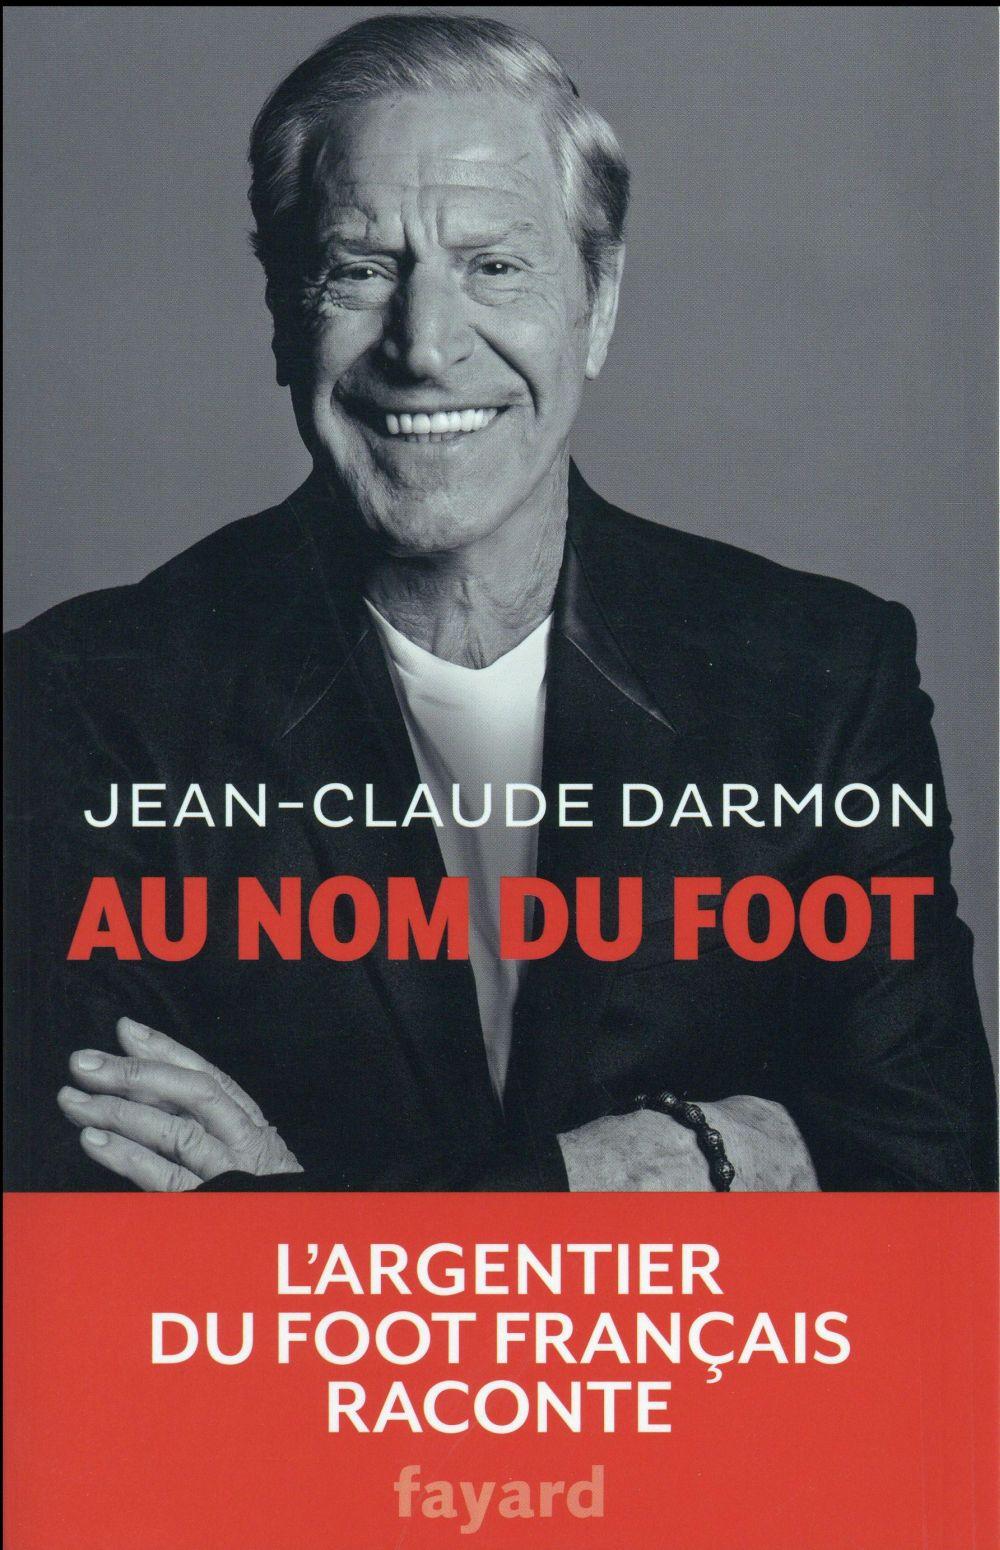 Jean-Claude Darmon, le Monsieur argent du foot